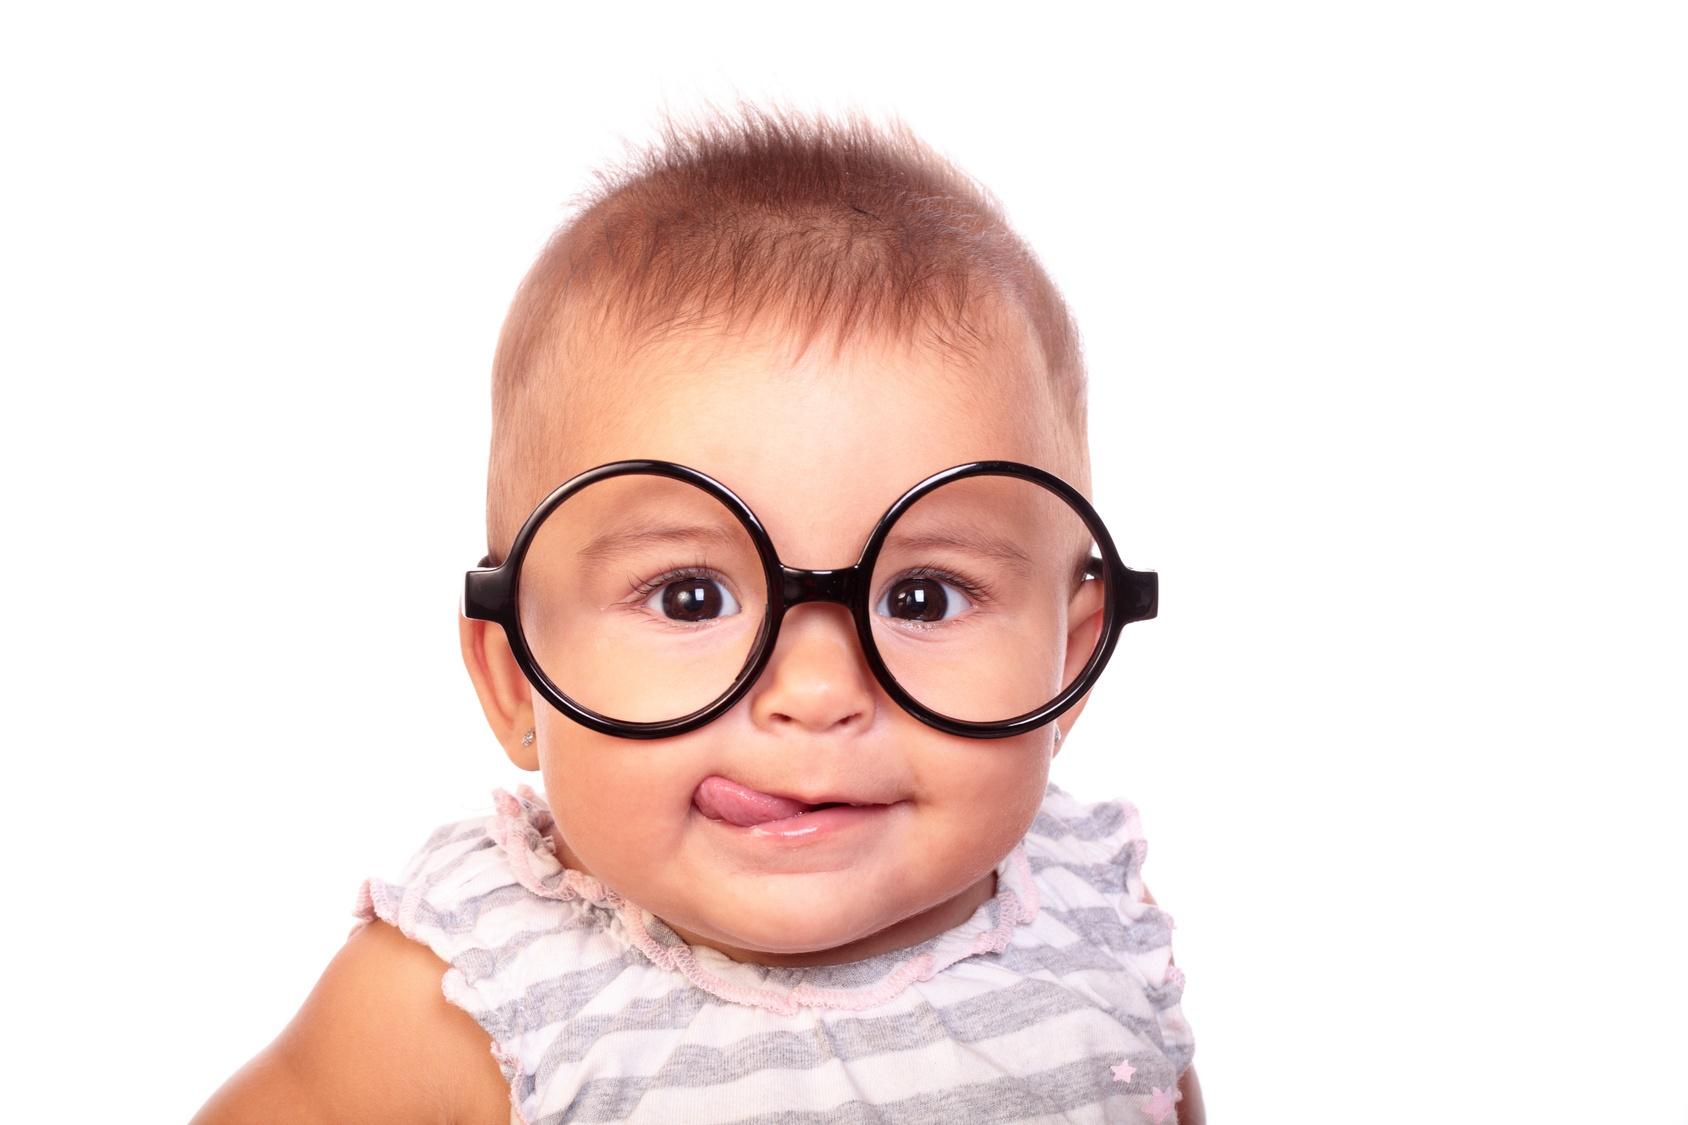 الحول عند الاطفال ما هو وأسبابه وطرق علاجه